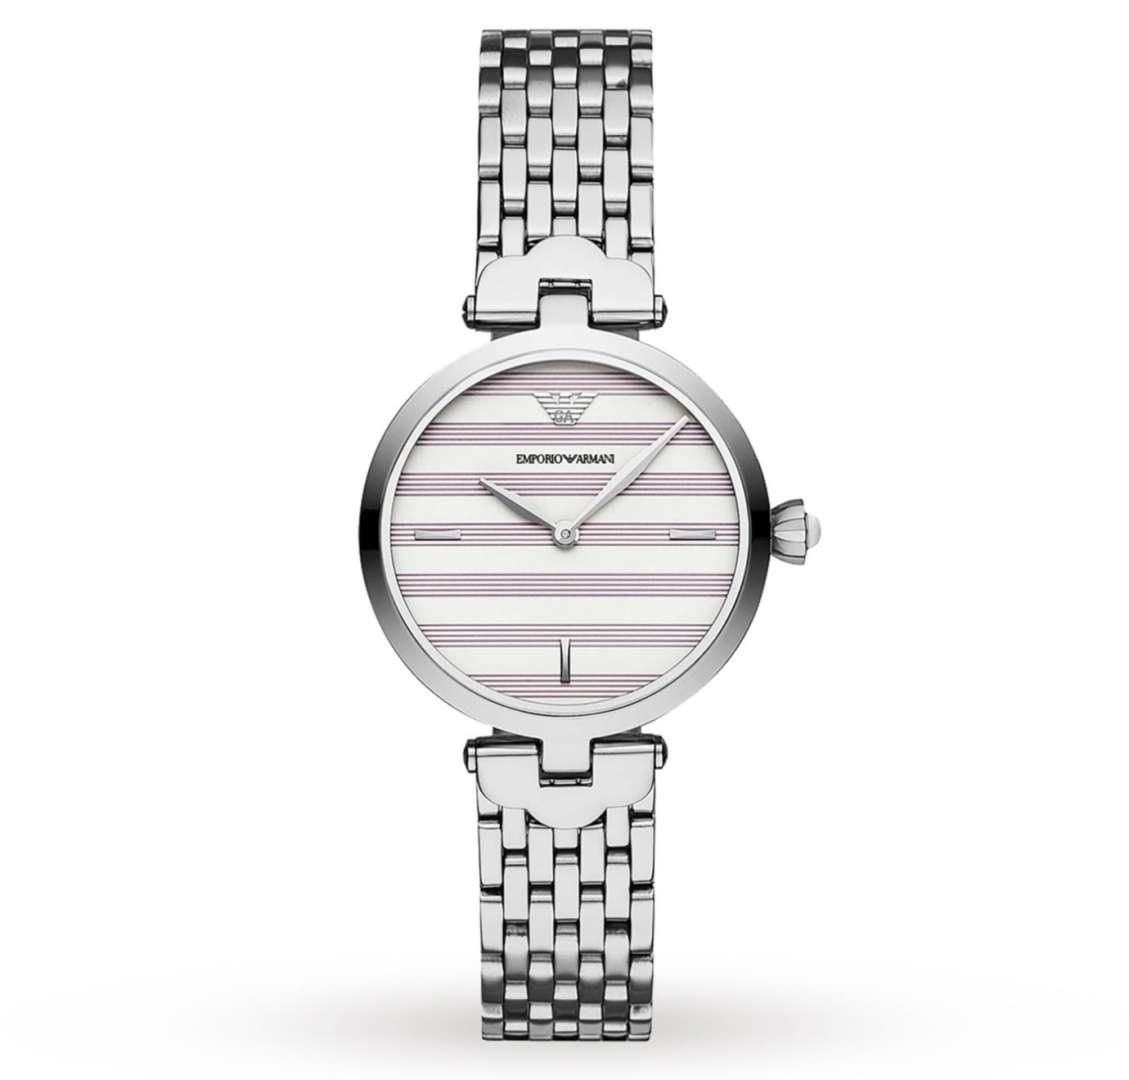 שעון יד אנלוגי לאישה emporio armani ar11195 אמפוריו ארמני